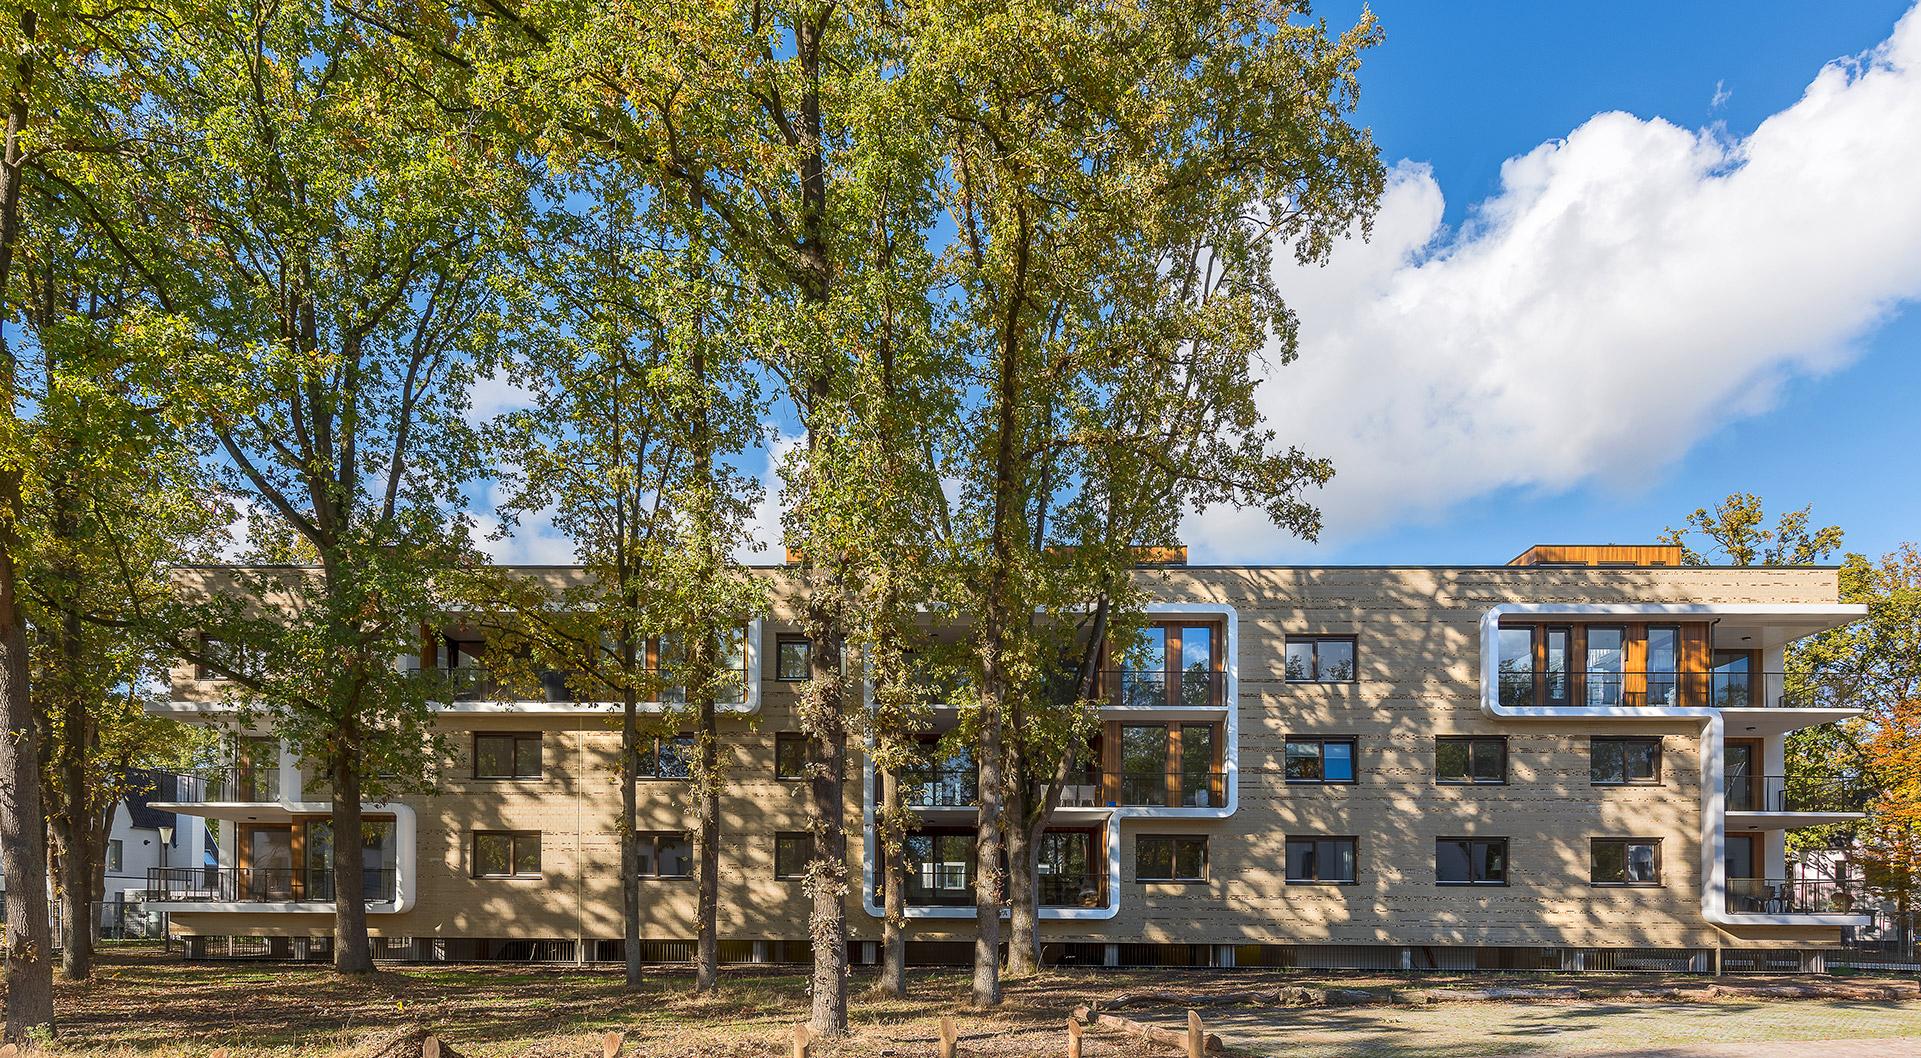 Simone Drost Architecture Planet Pab Architecture Appartementen Stdhouderspark Vught voorgevel overzicht